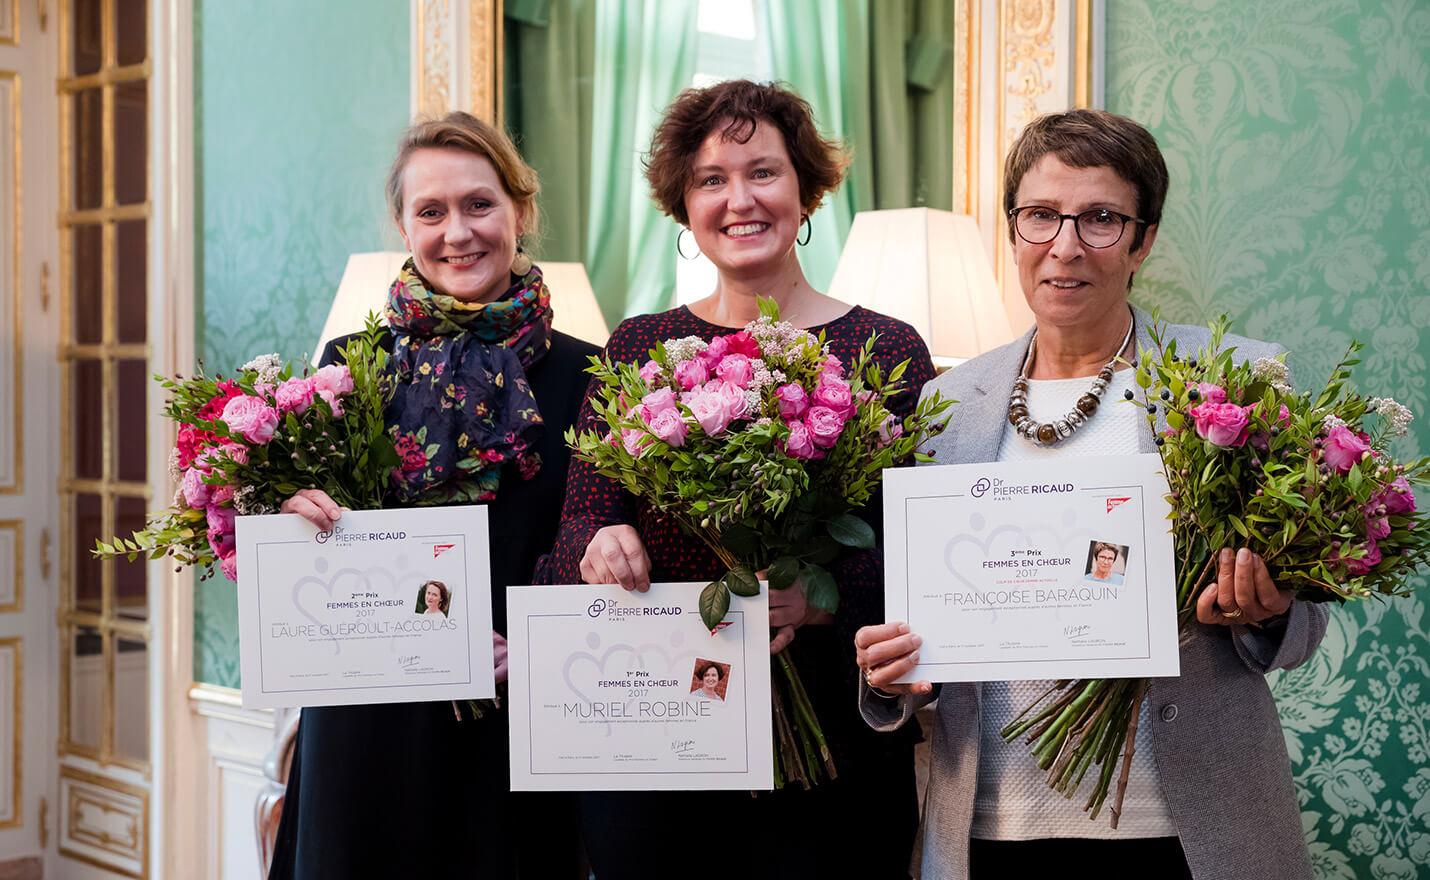 prix femmes en choeur pierre ricaud 2017 pour action femmes grand sud